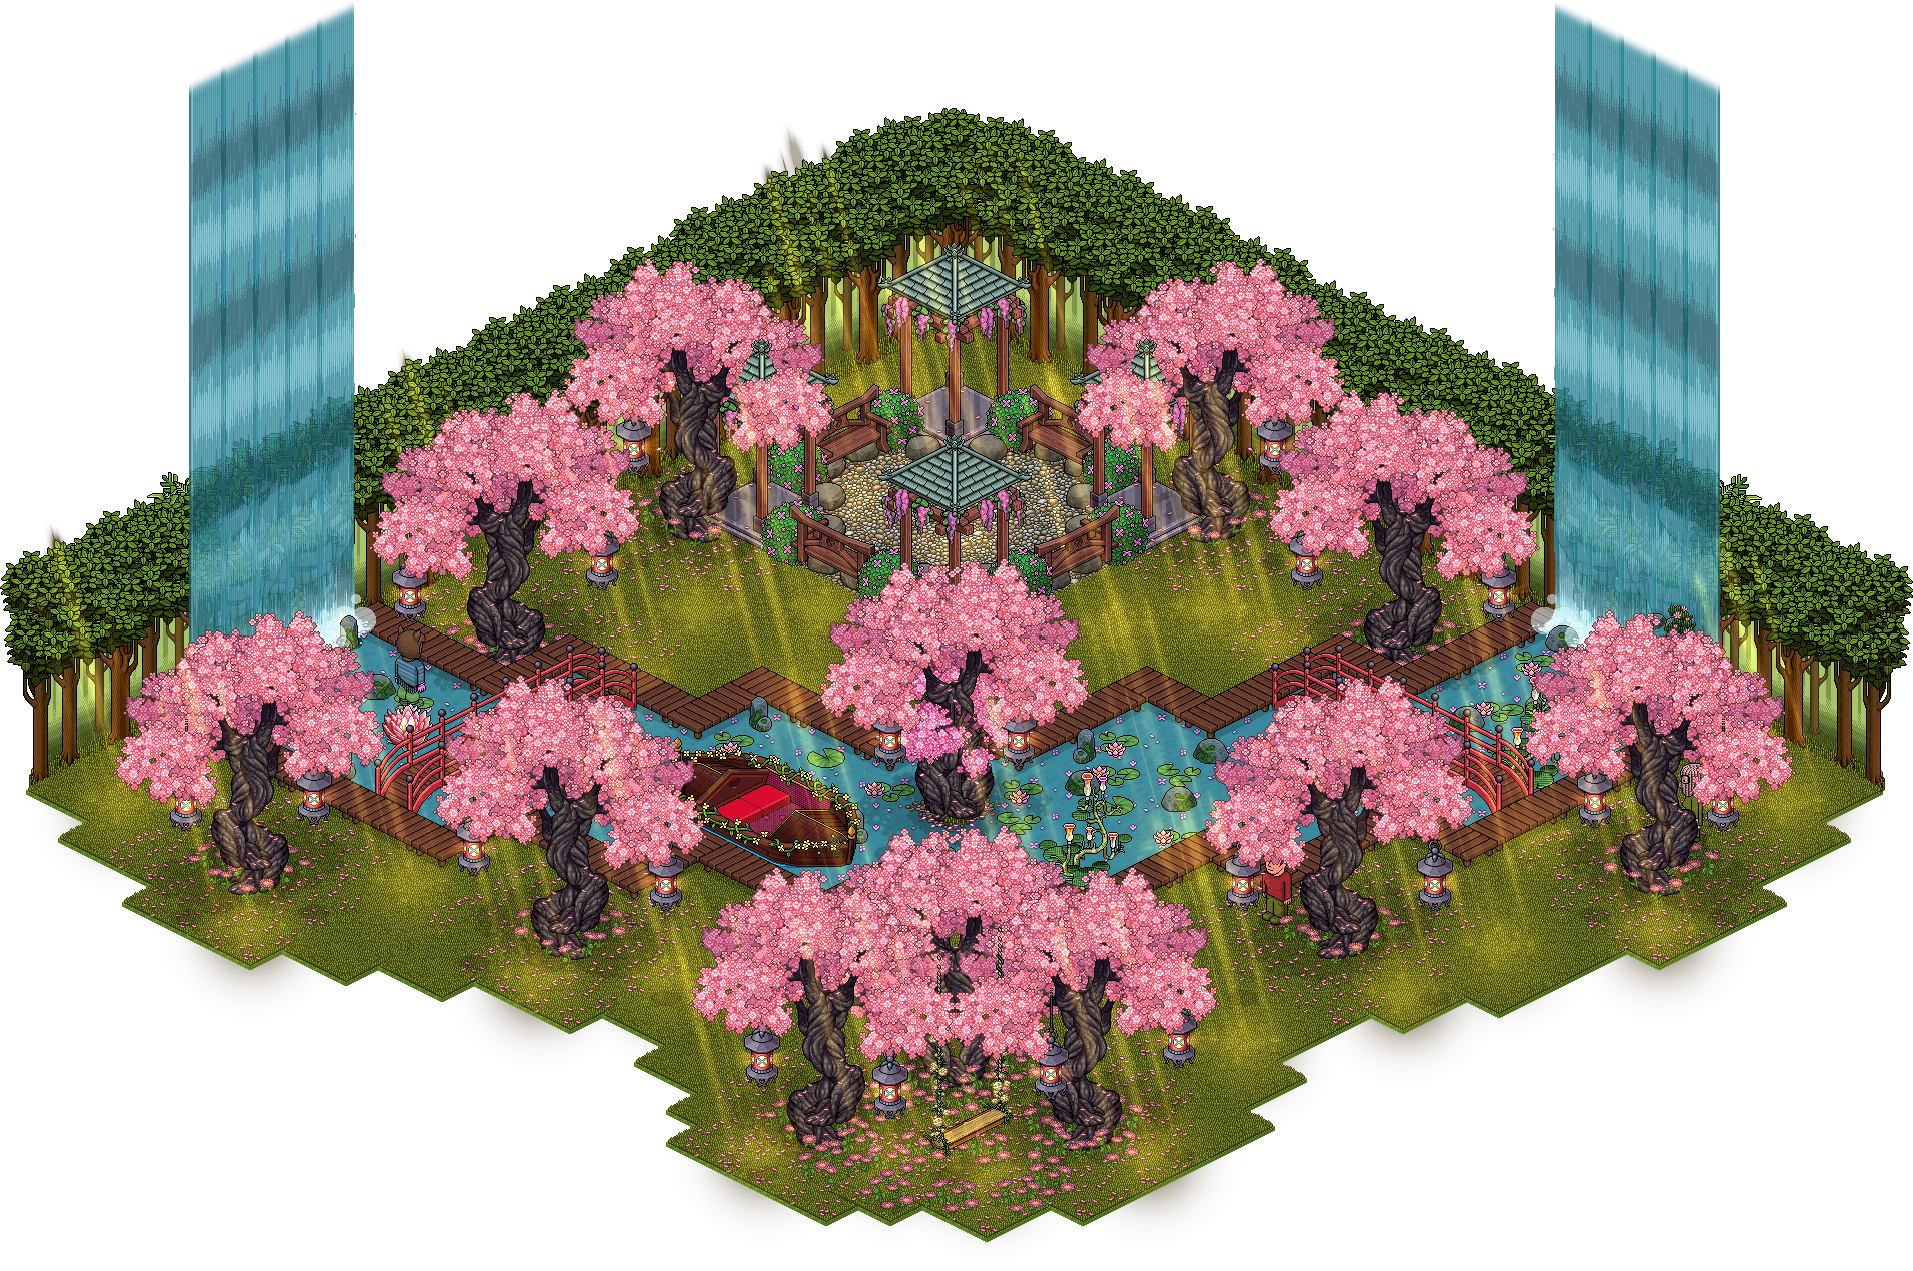 U¥U Le Jardin Secret de Mulan